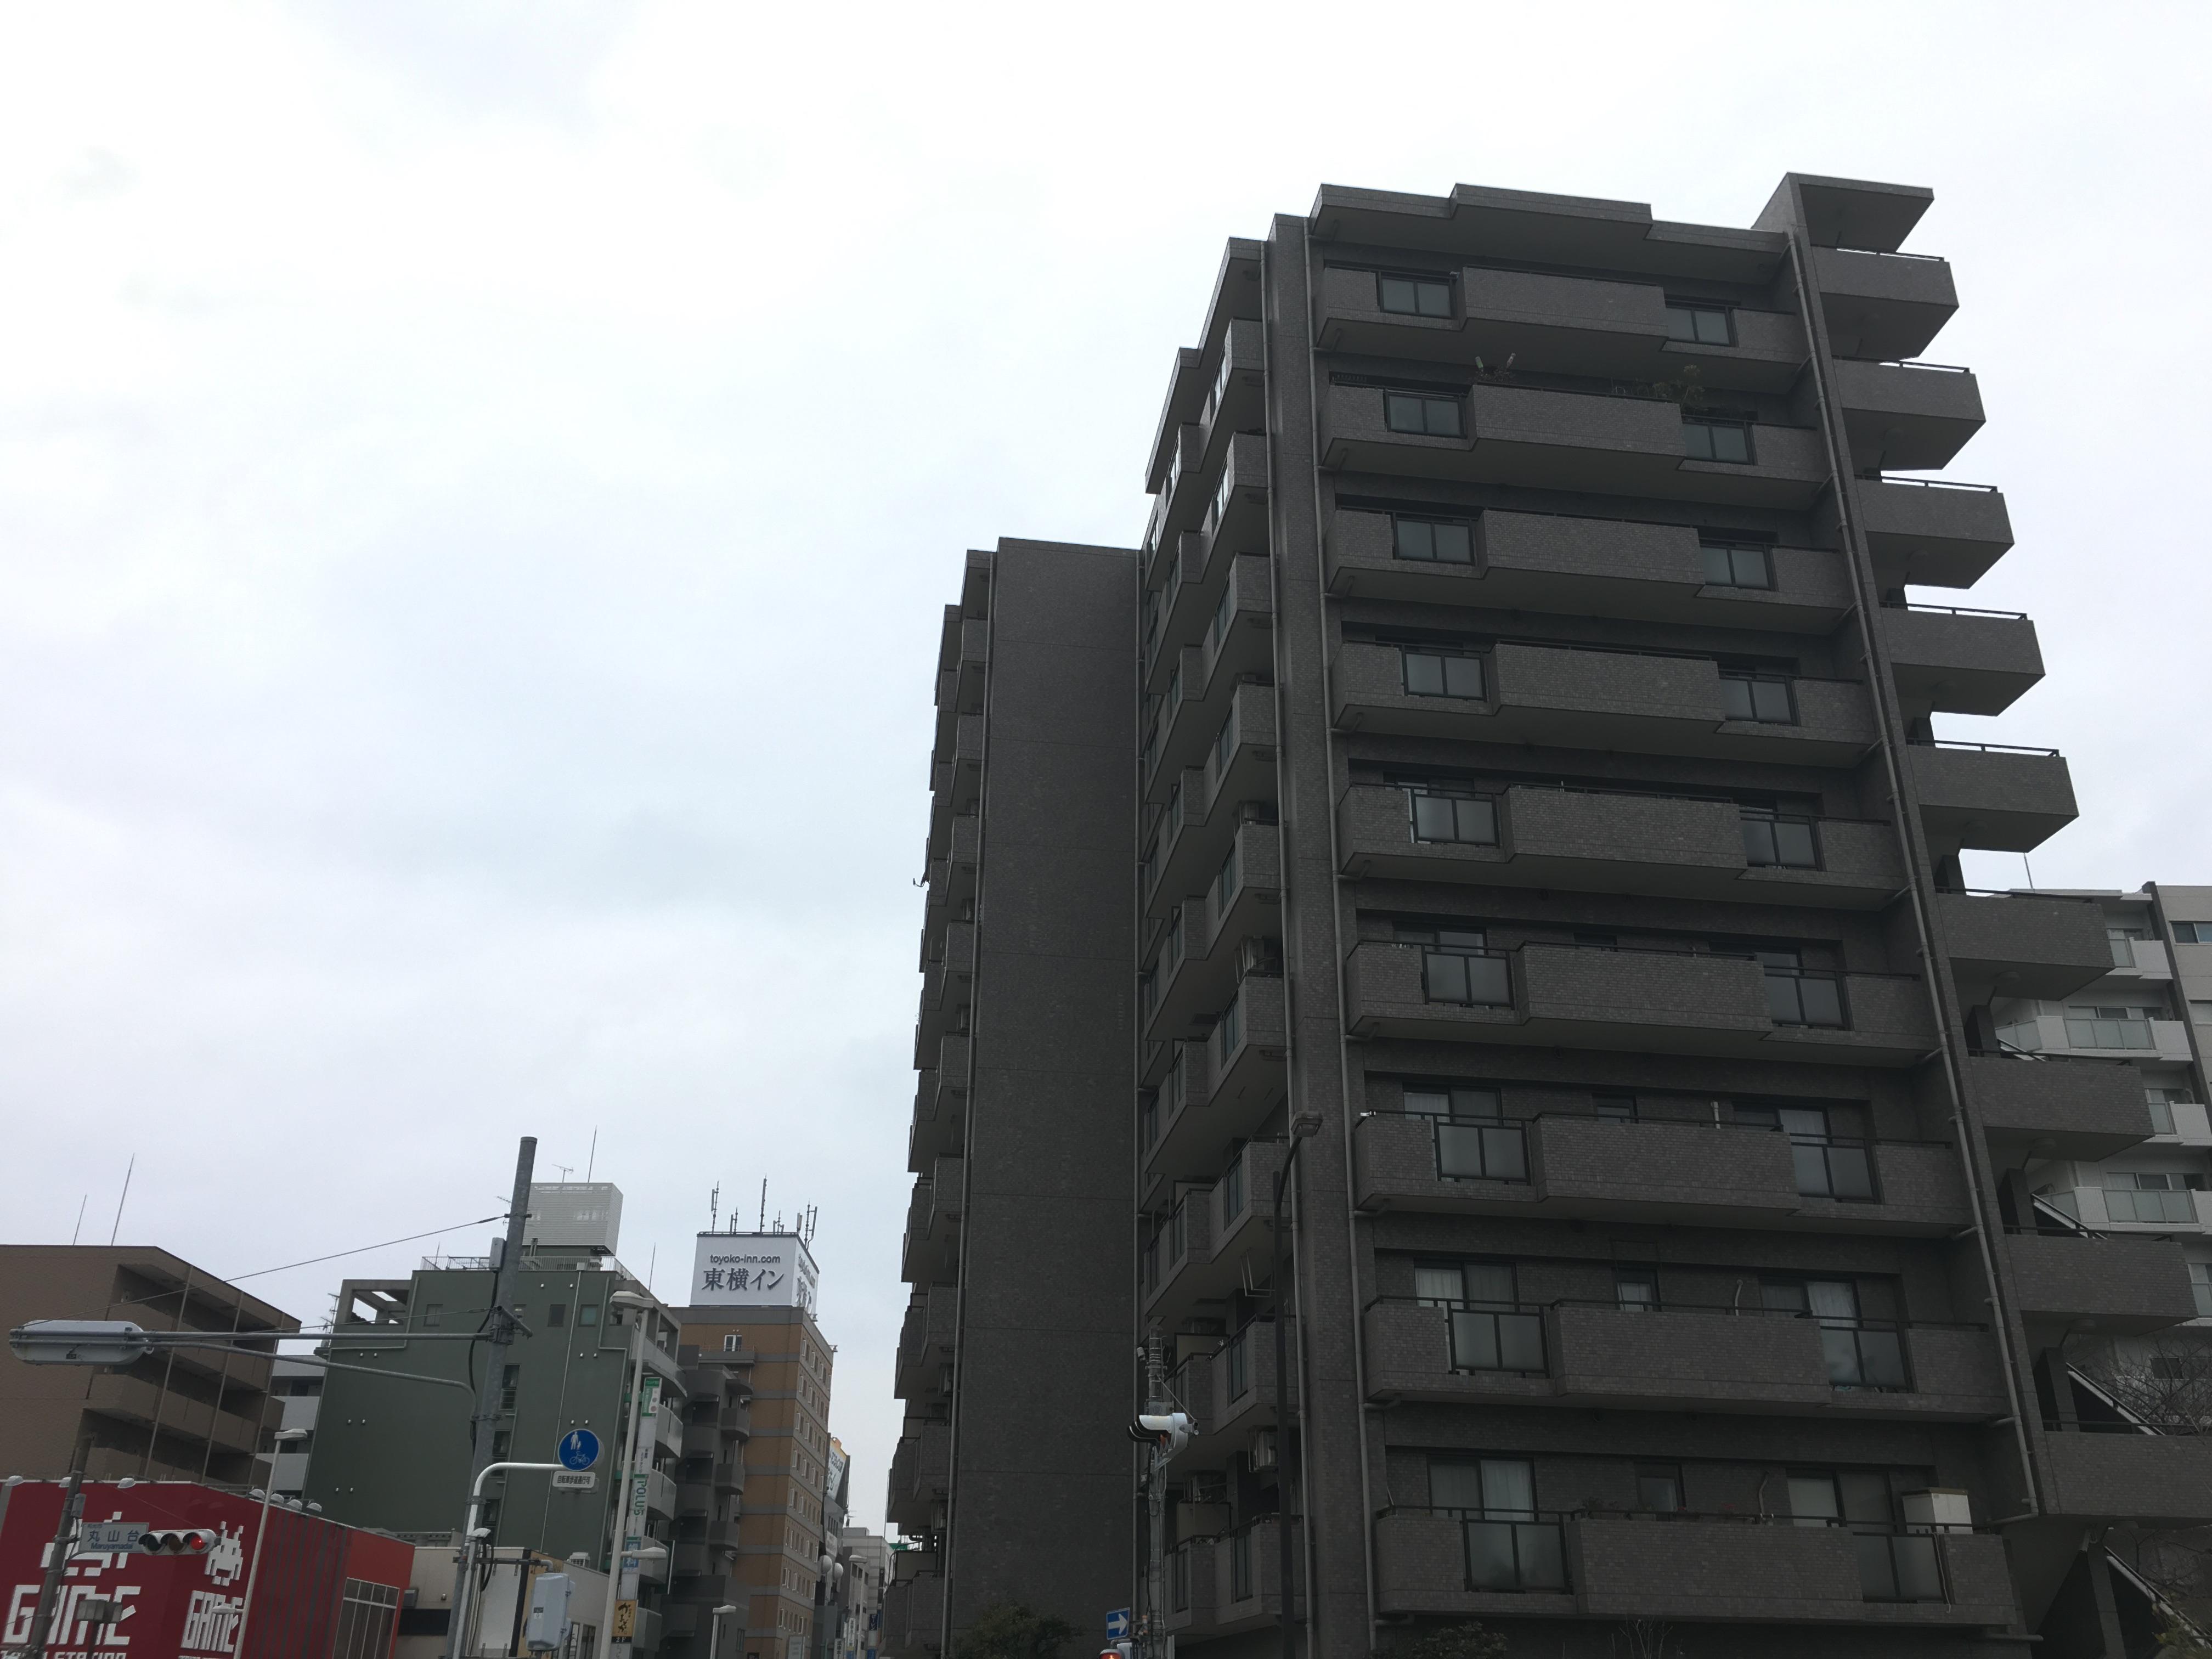 https://storage.lynlab.co.kr/saekano_locae12.5.jpg